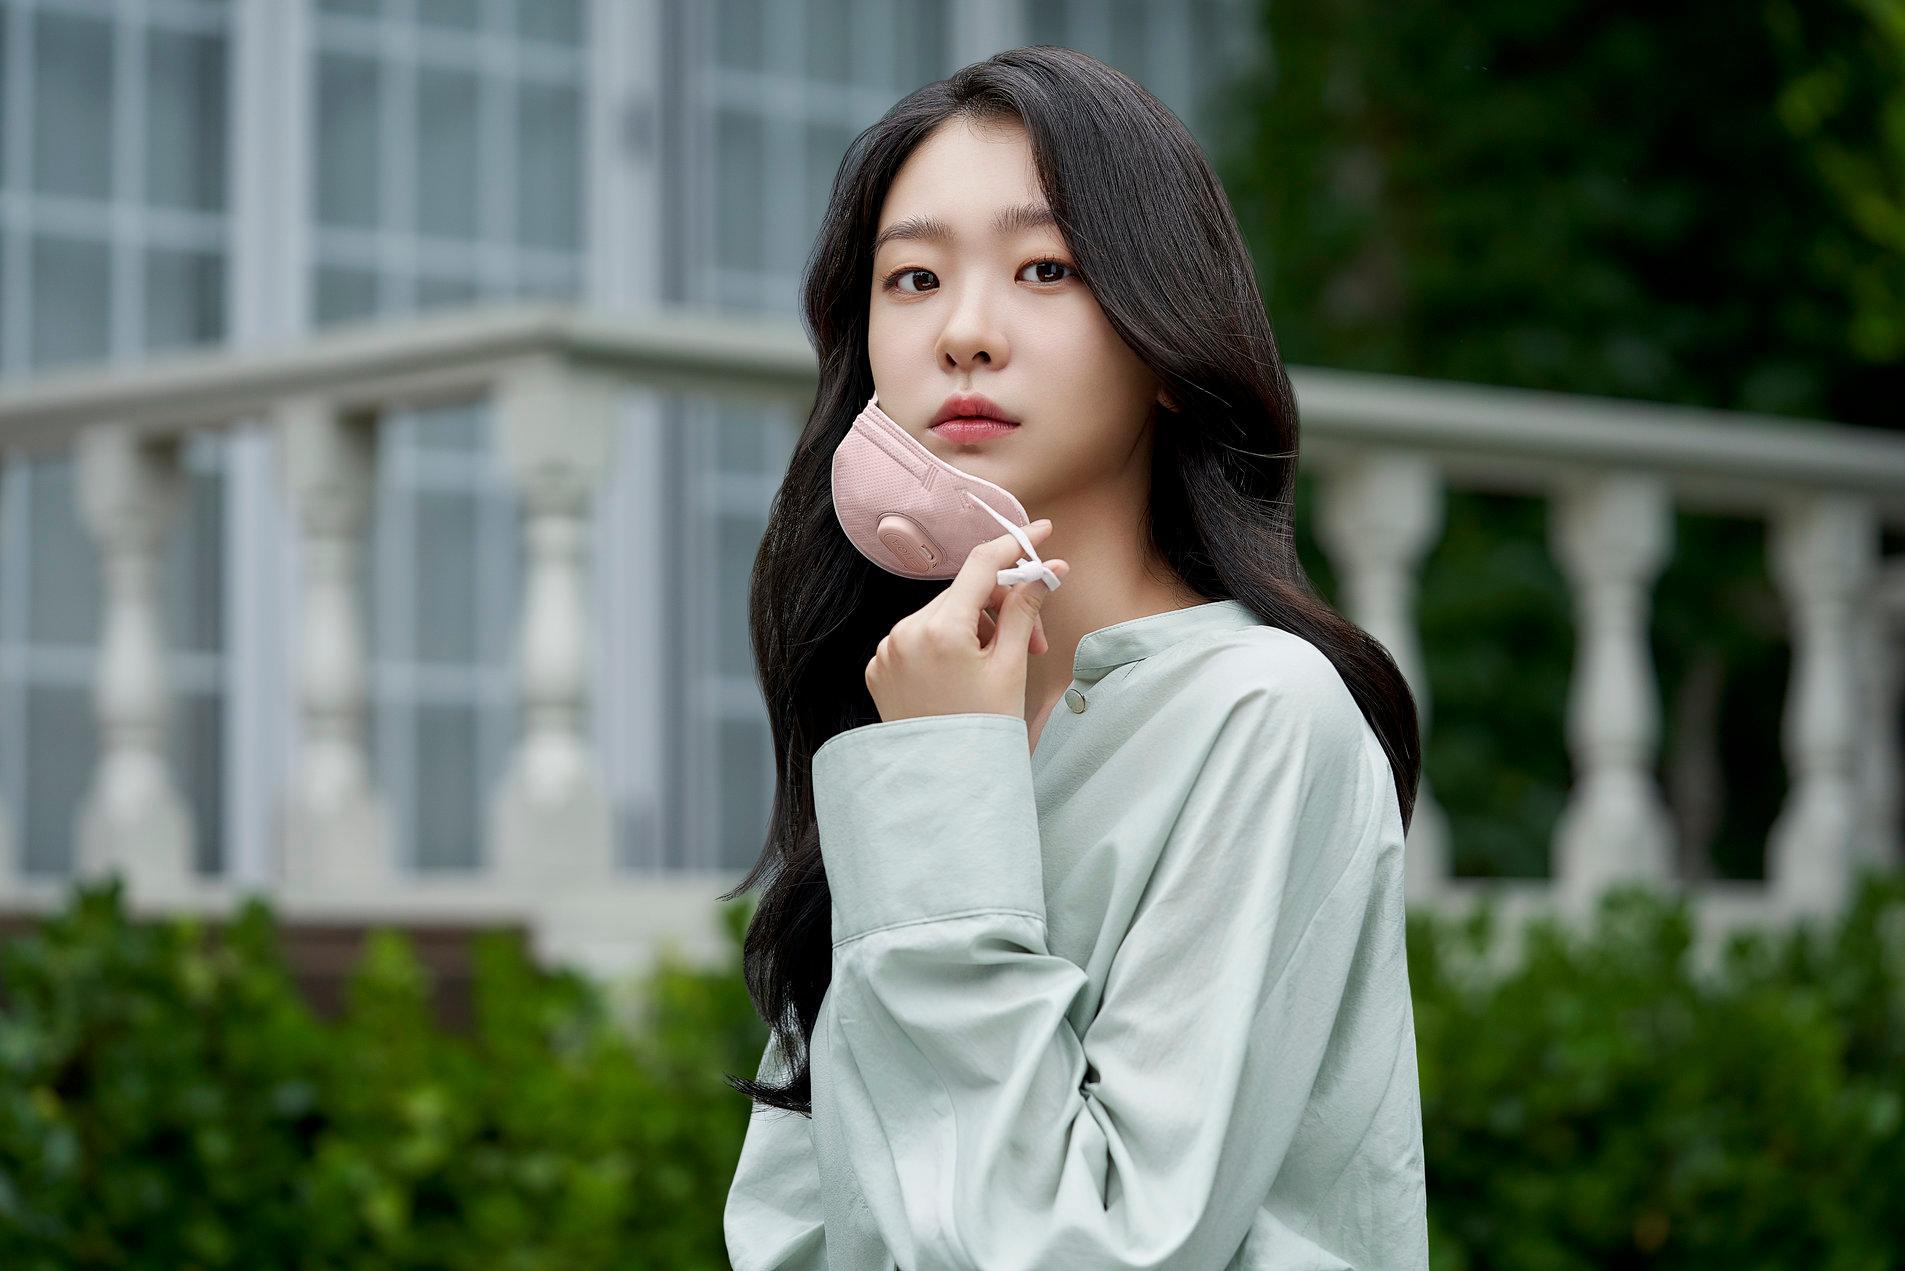 """Trước khi làm nữ quái """"Itaewon Class"""", Kim Da Mi cũng tóc dài nữ tính như bao cô nàng bánh bèo khác - Ảnh 4."""